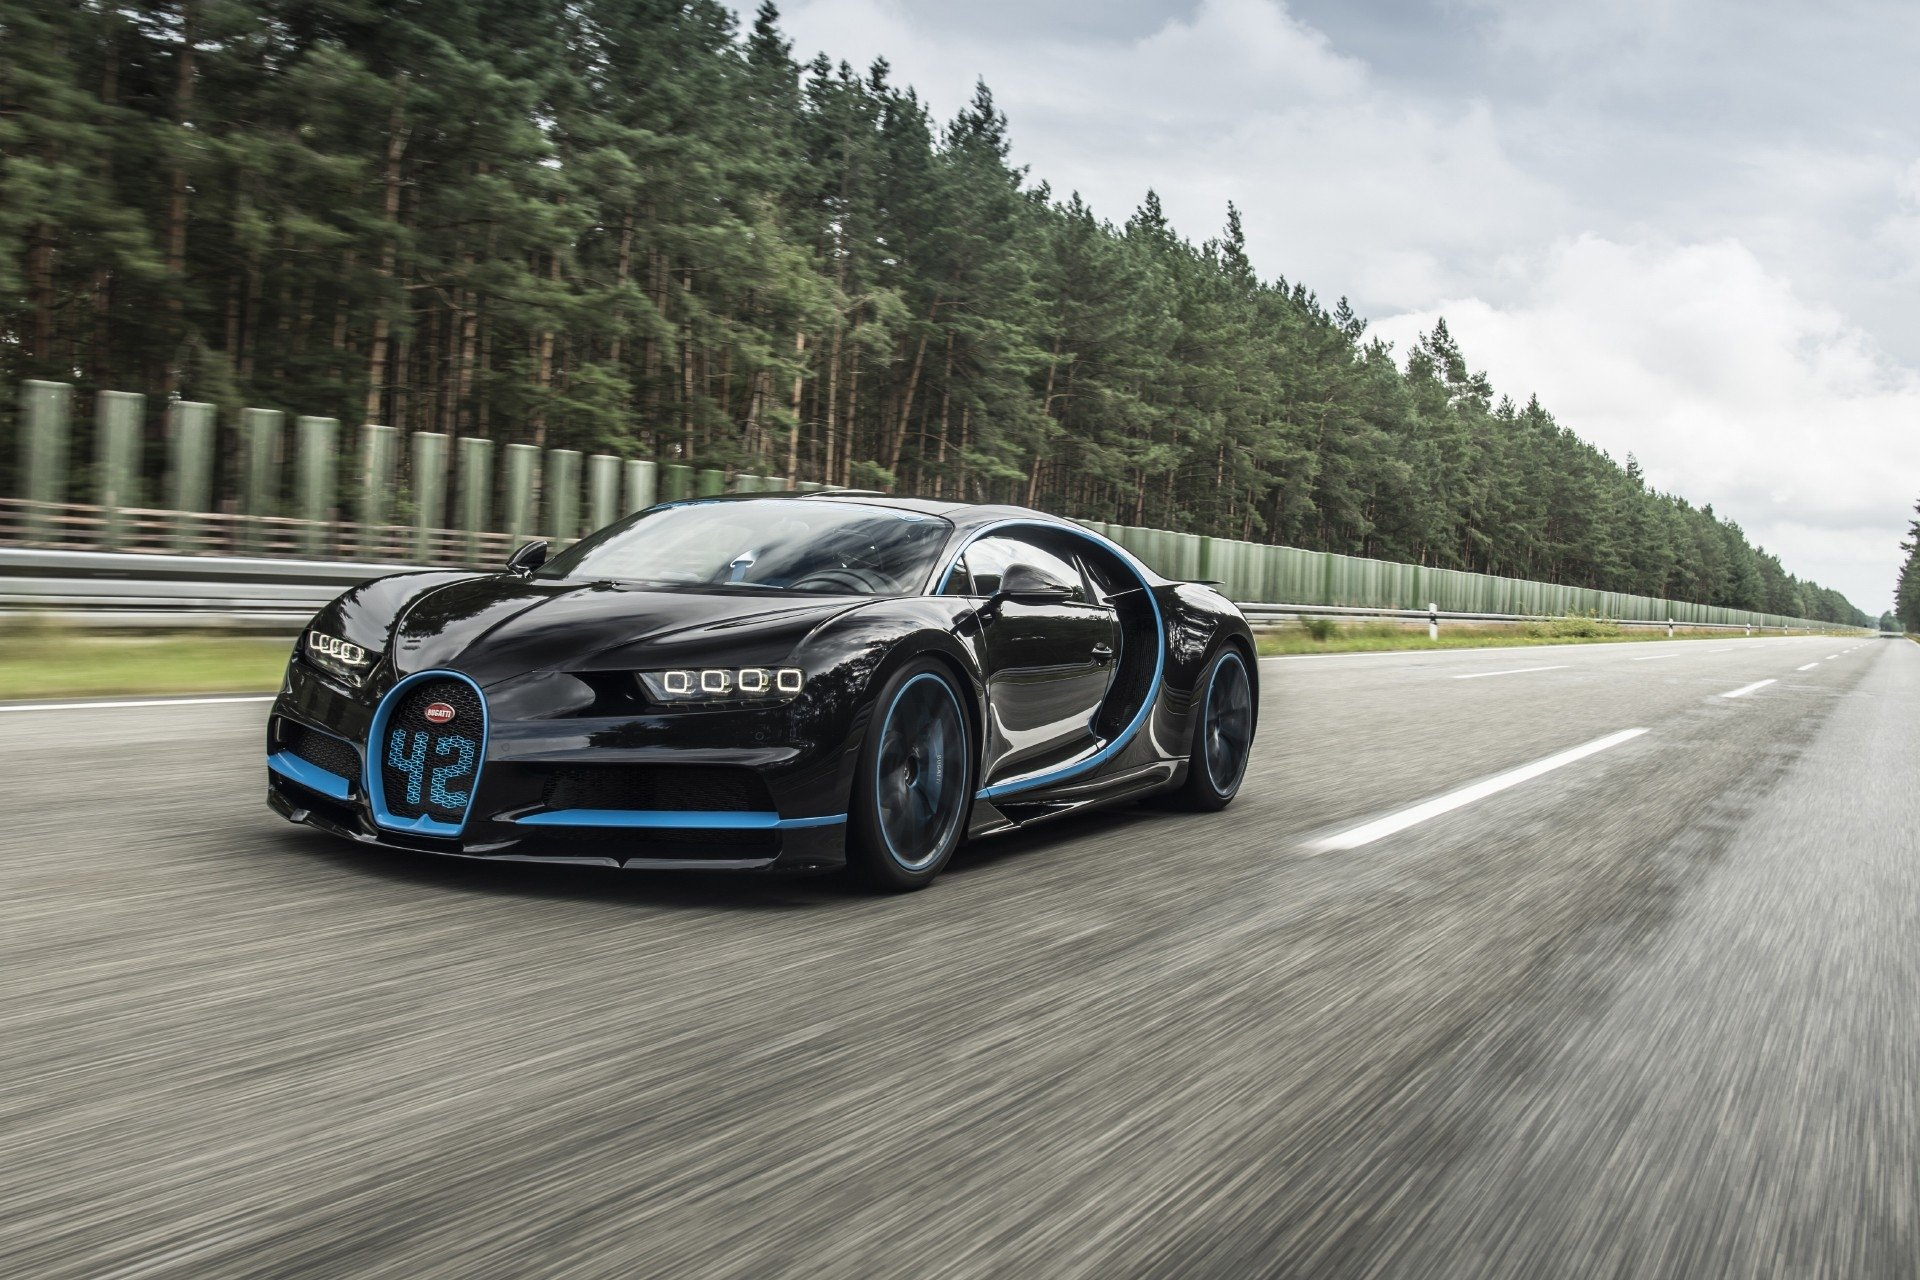 Bugatti Chiron Hd Wallpaper Background Image 1920x1280 Id